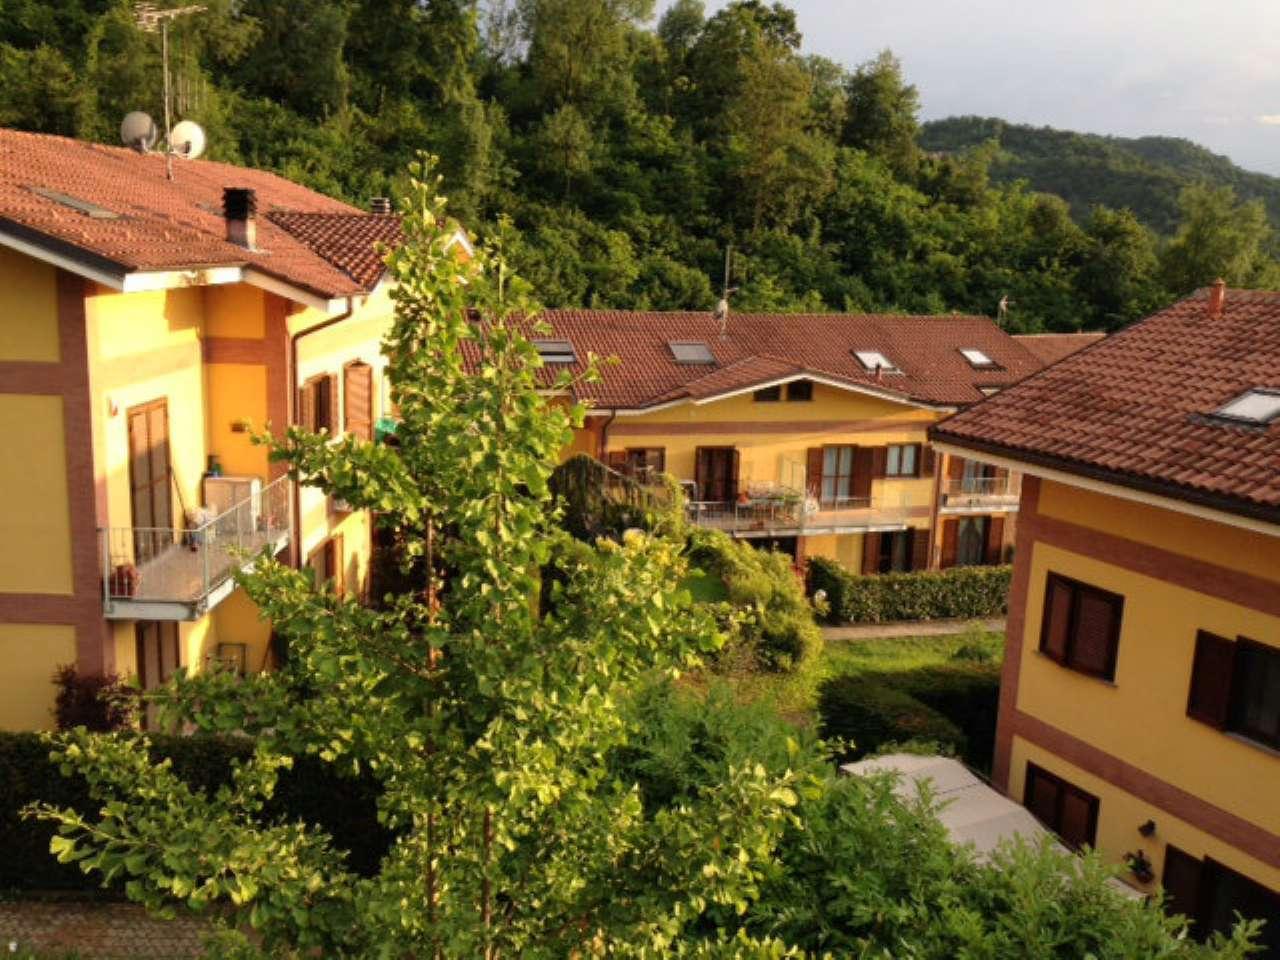 Appartamento in affitto a Castiglione Torinese, 6 locali, prezzo € 1.000 | CambioCasa.it